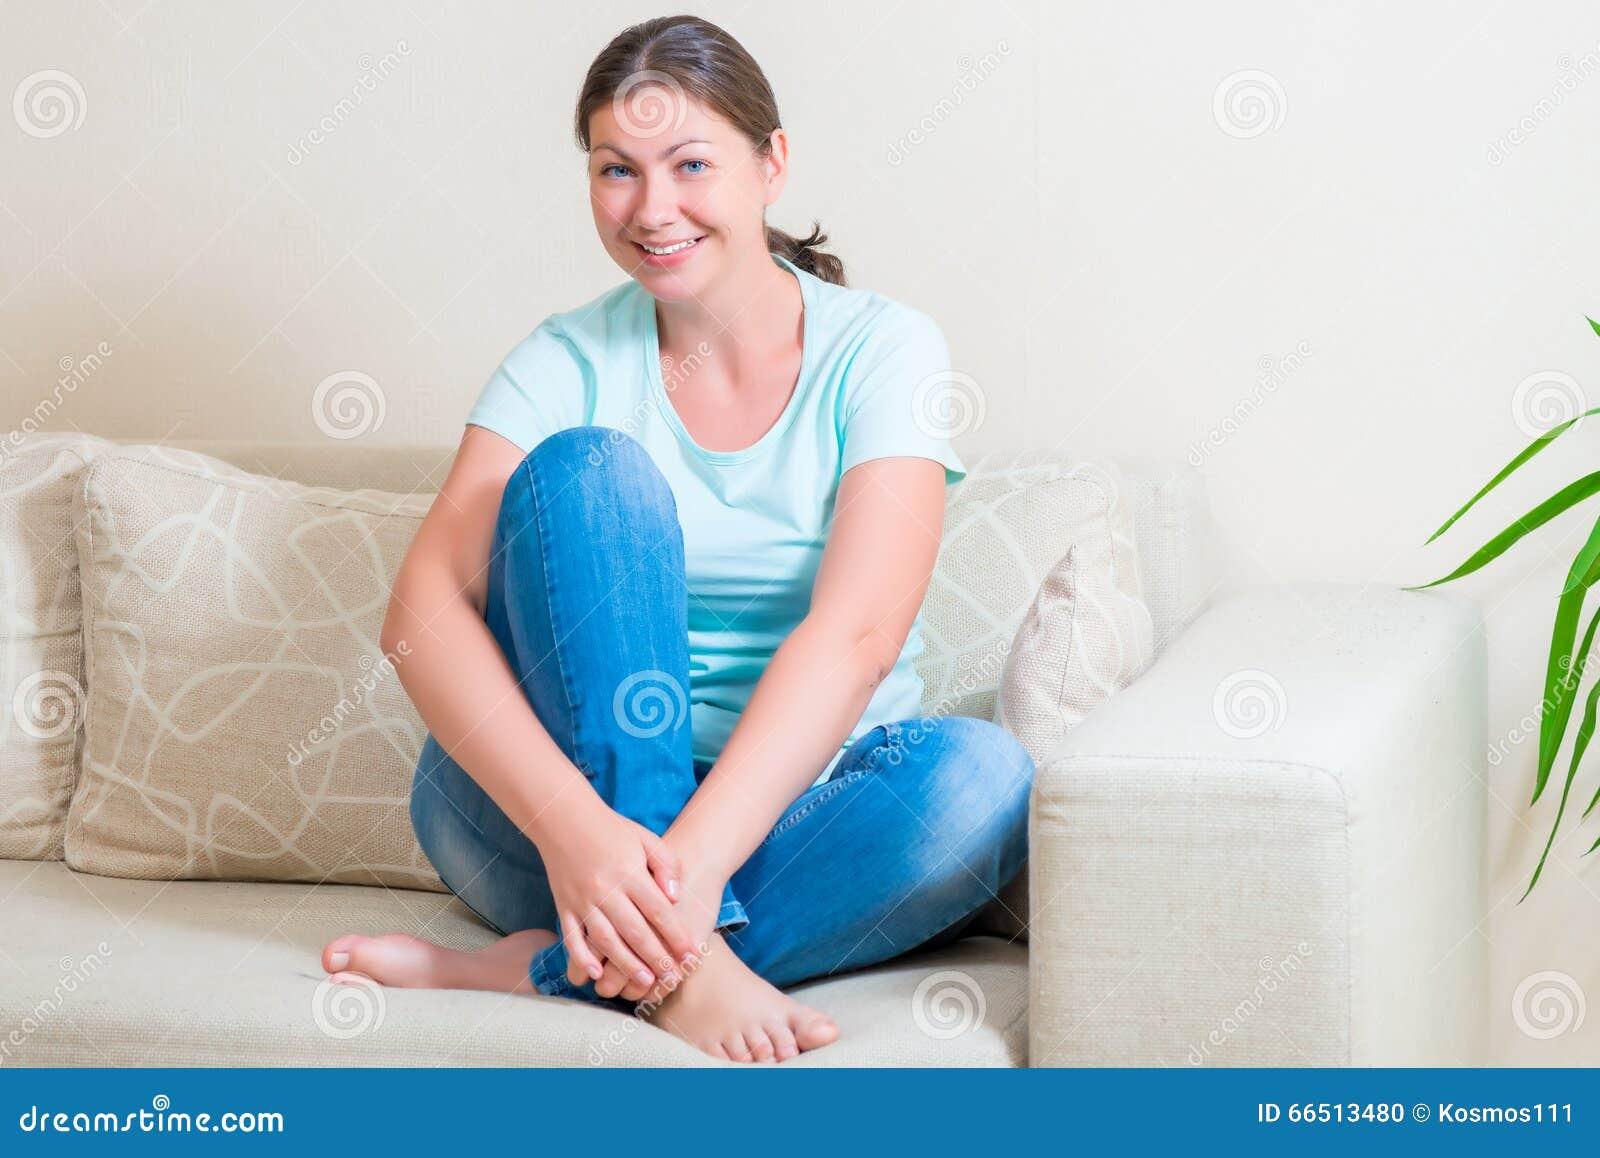 Ragazza sul letto che si siede a piedi nudi fotografia stock immagine di bellezza - Letto che si chiude ...